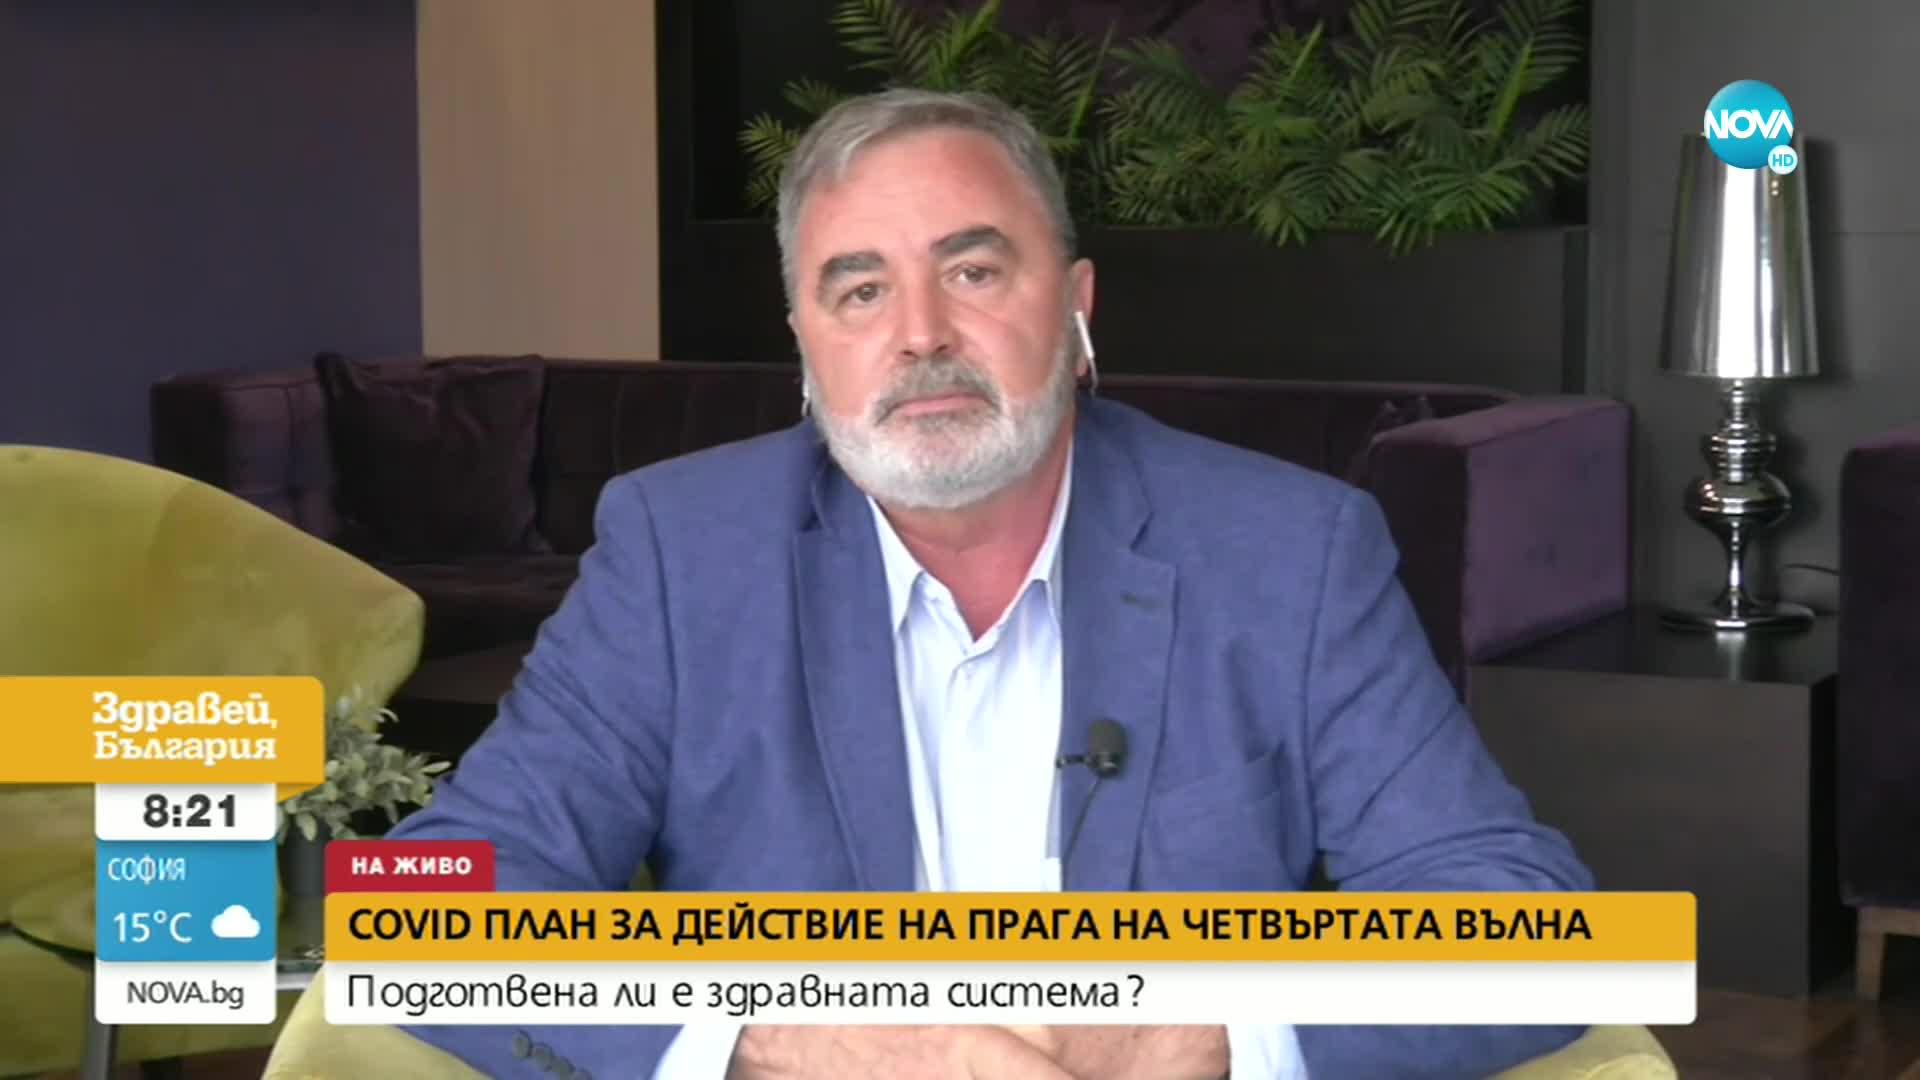 Кунчев: Имаме две оръжия срещу COVID-19 – ваксинацията и мерките